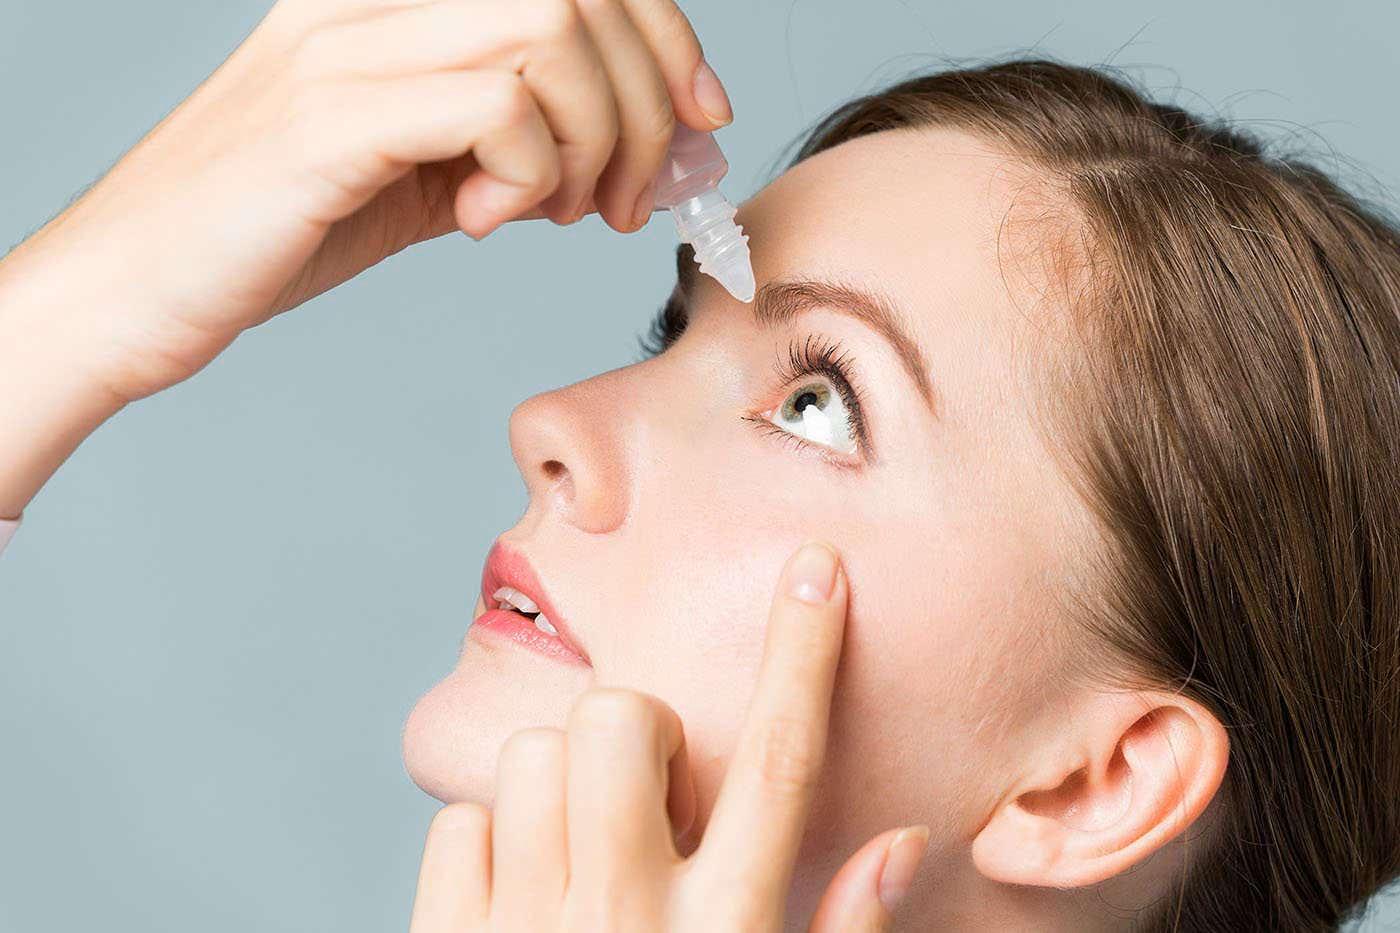 Dexpantenolul calmează și hidratează ochii